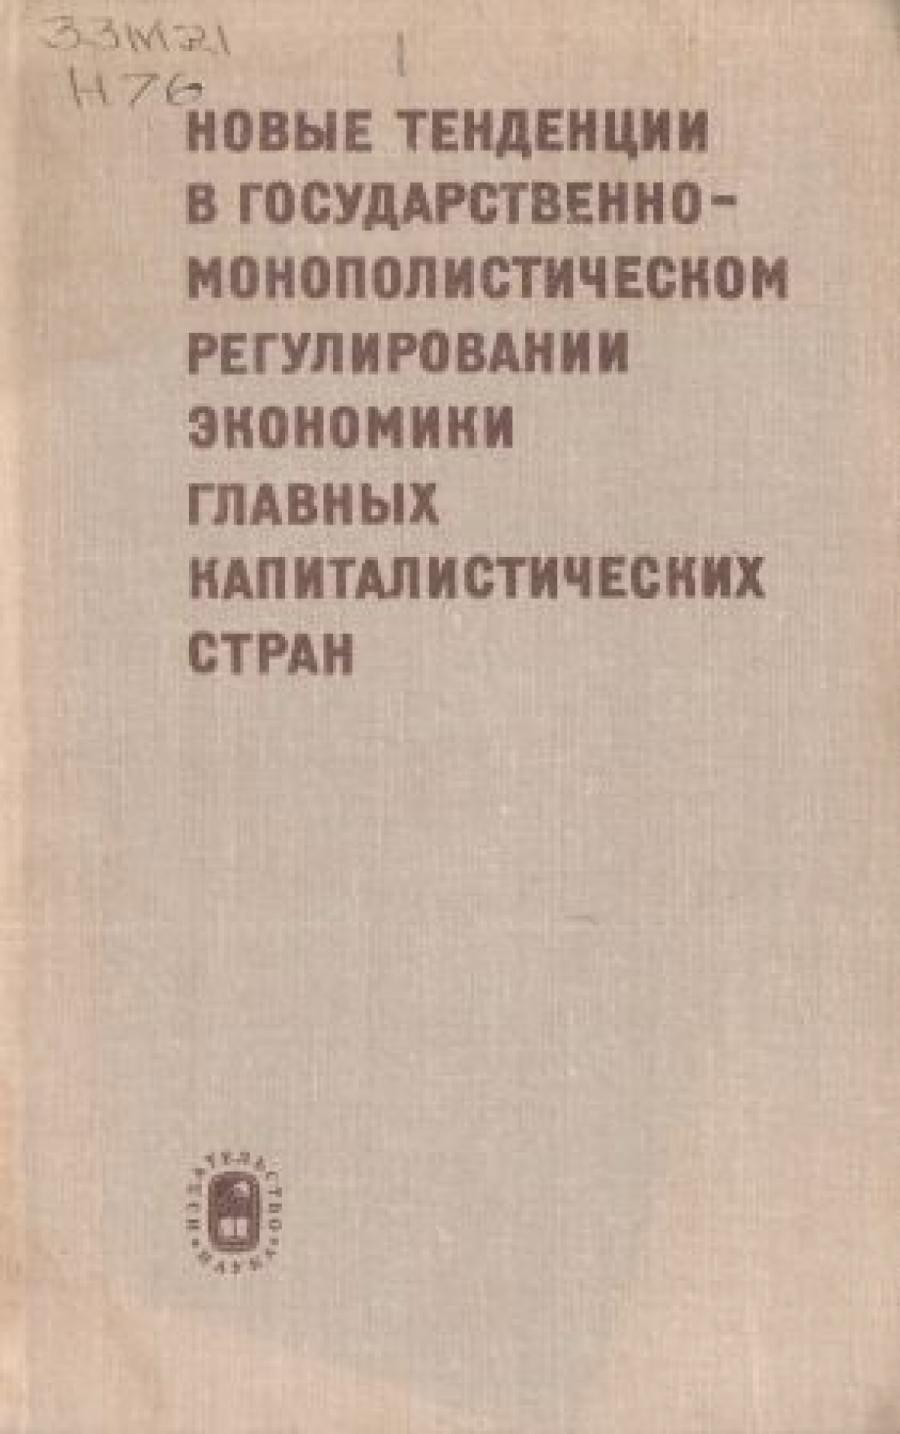 Обложка книги:  милейковский а.г. - новые тенденции в государственно-монополистическом регулировании экономики главных капиталистических стран